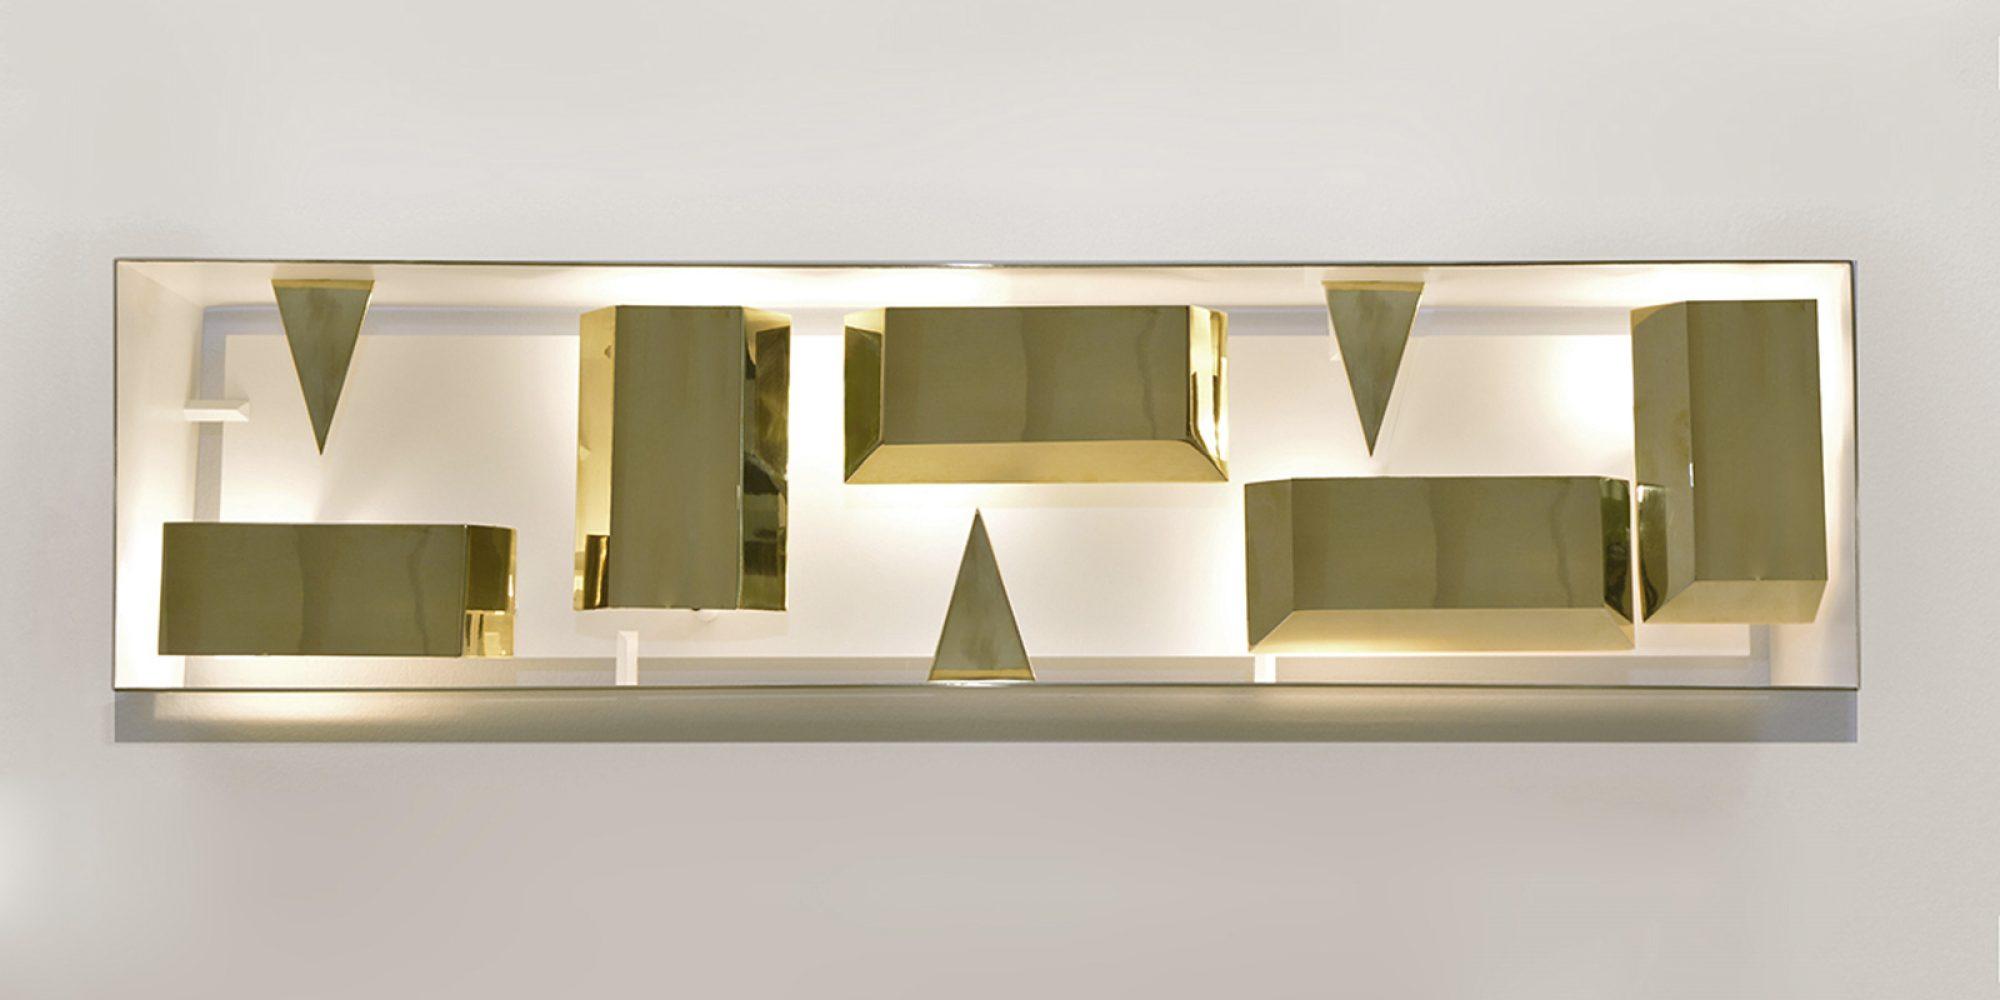 Gio Ponti Quadro di Luce rettangolare ottone lucido Limited Edition 2012-2017